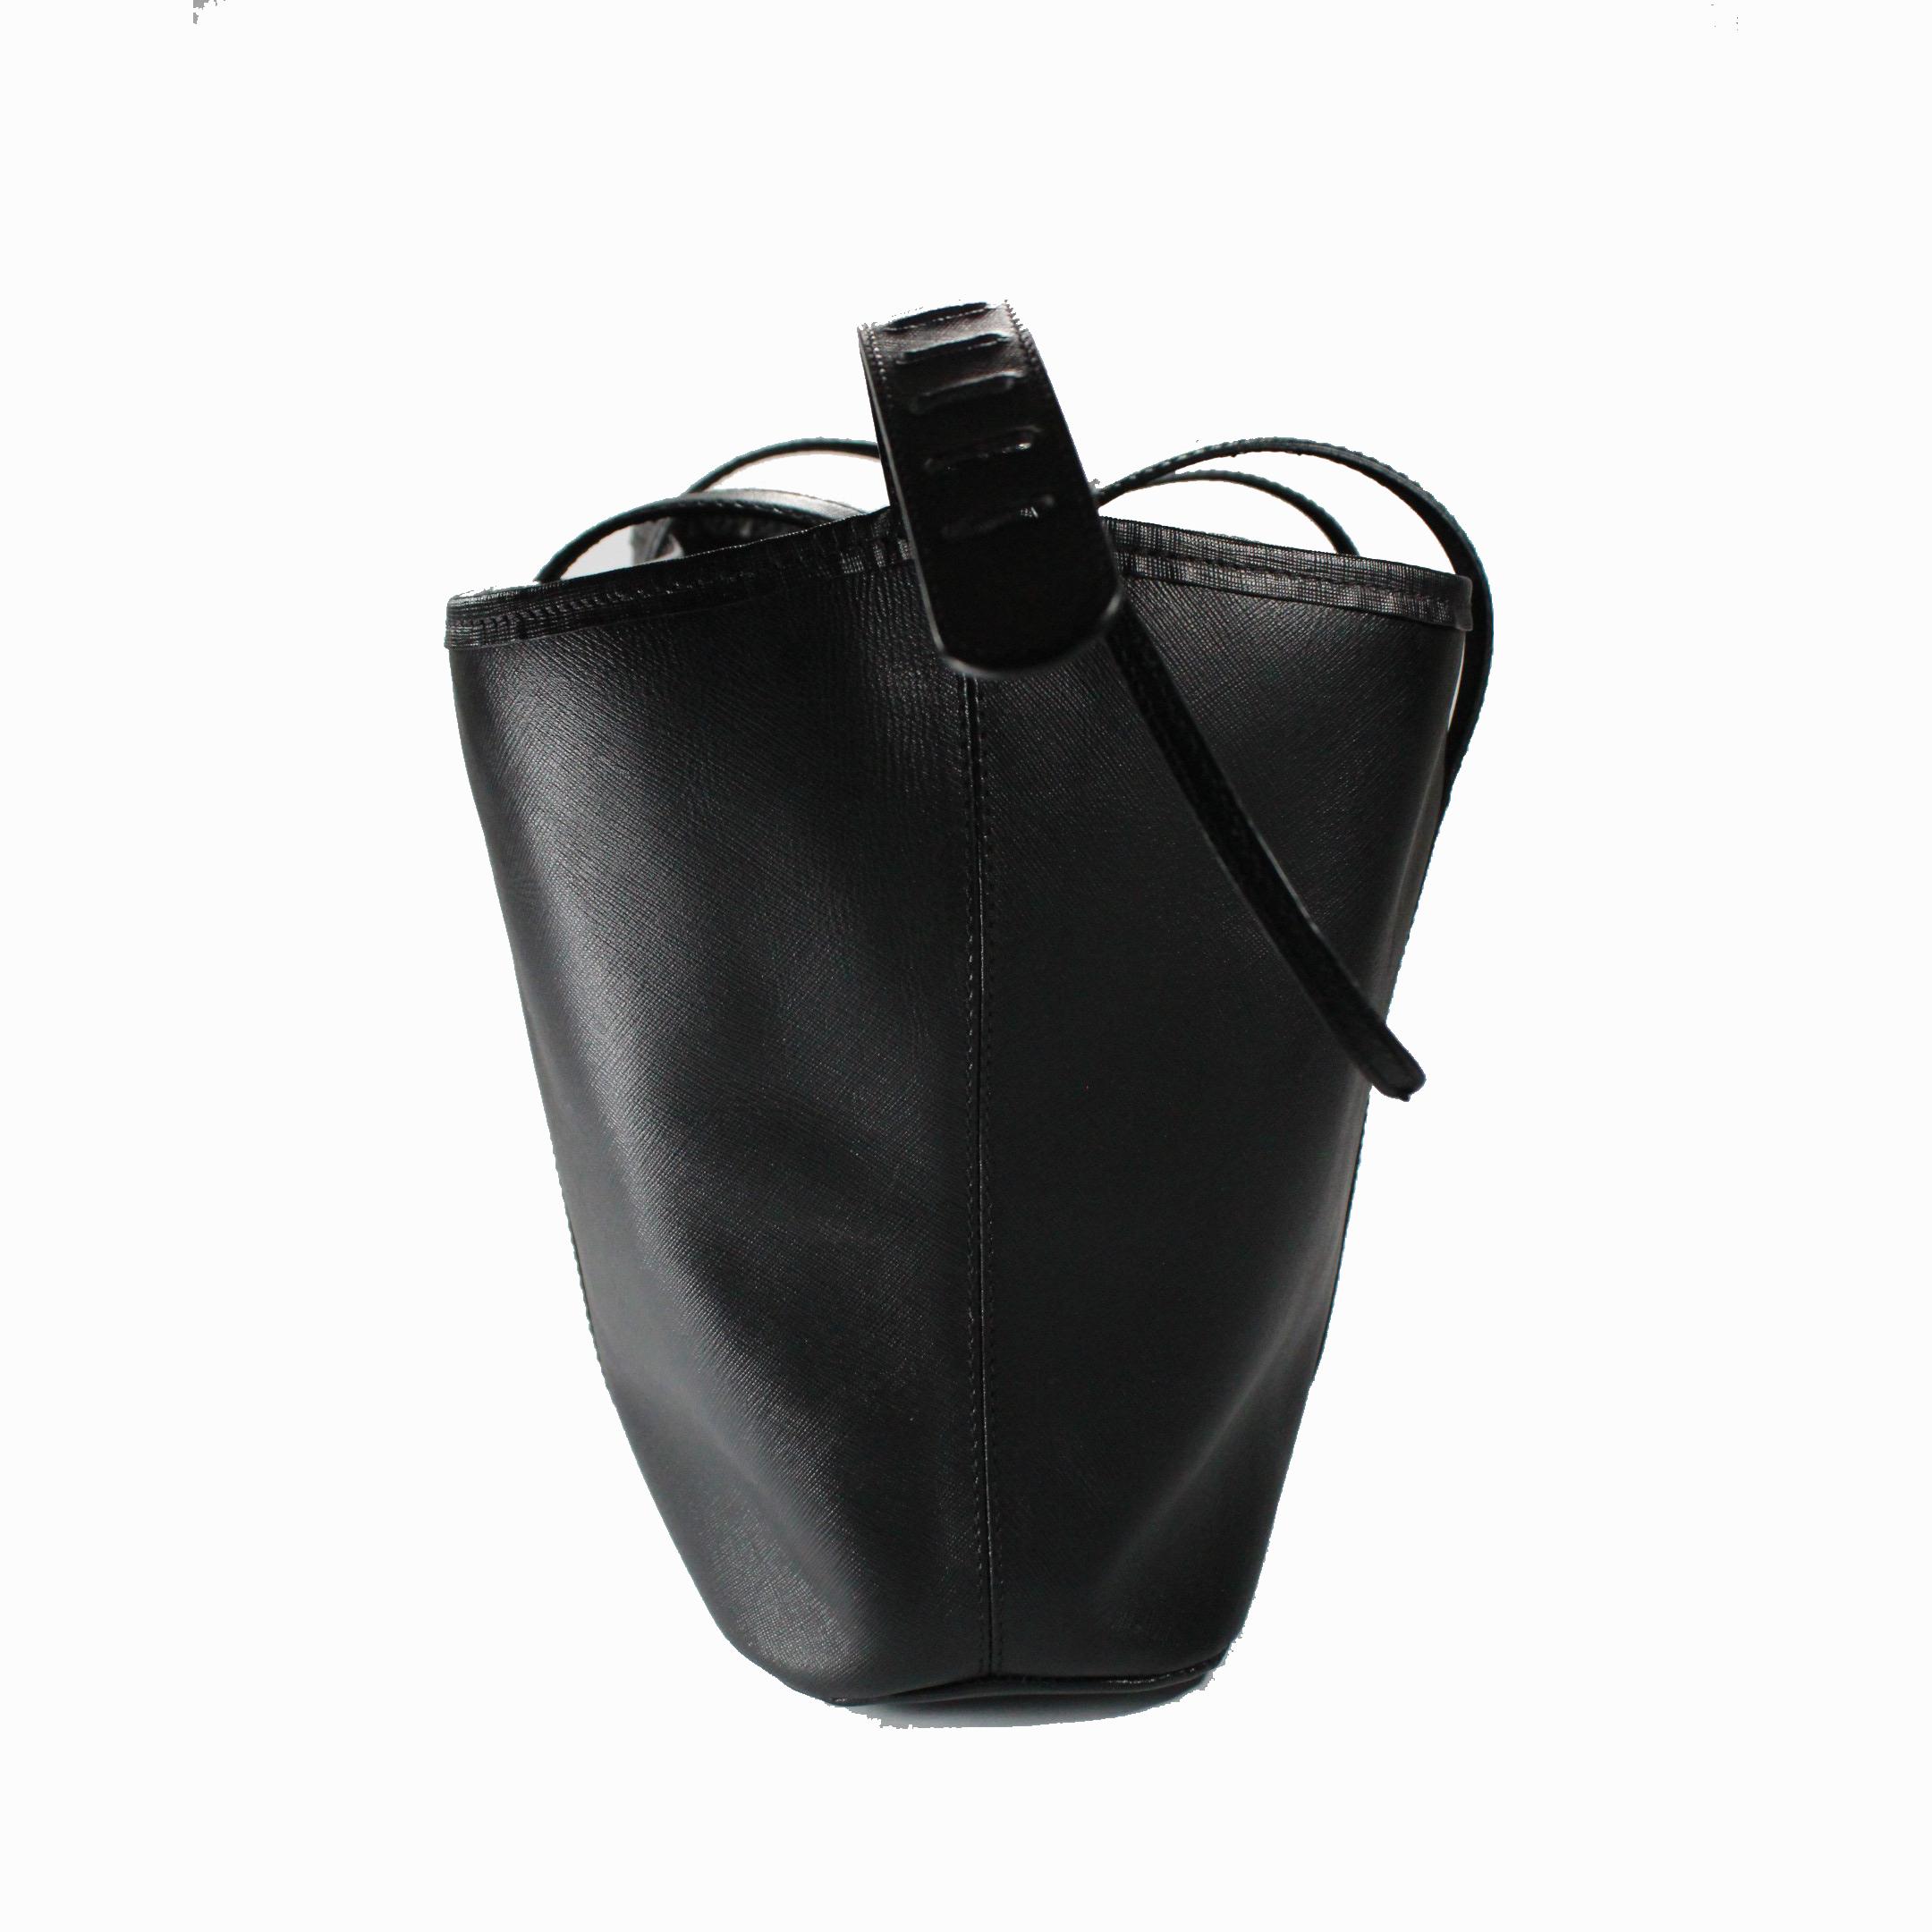 final hand bag8.jpg